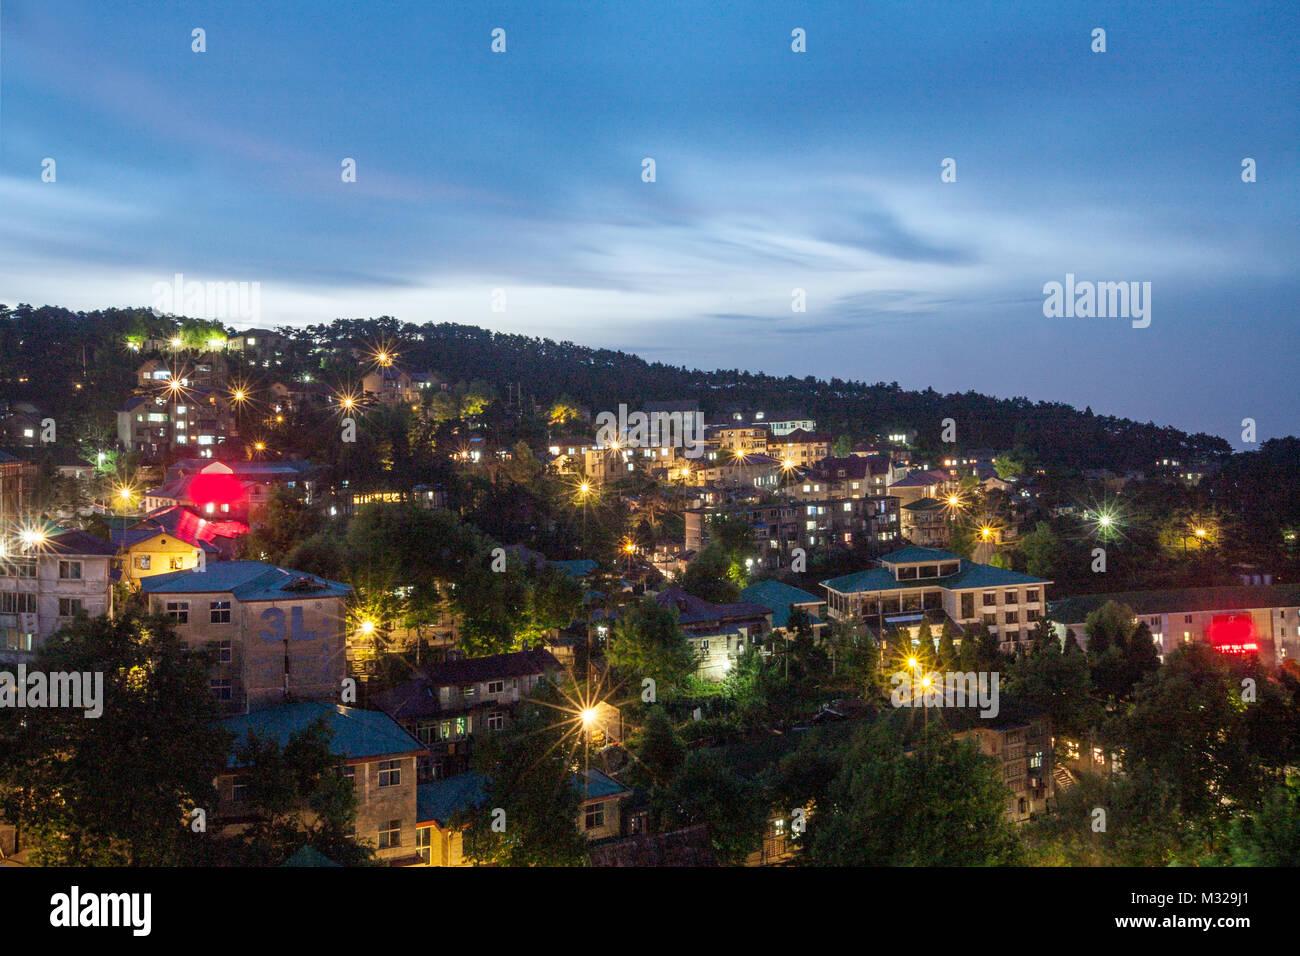 Night view of Mount Lu in Jiangxi, Jiujiang - Stock Image